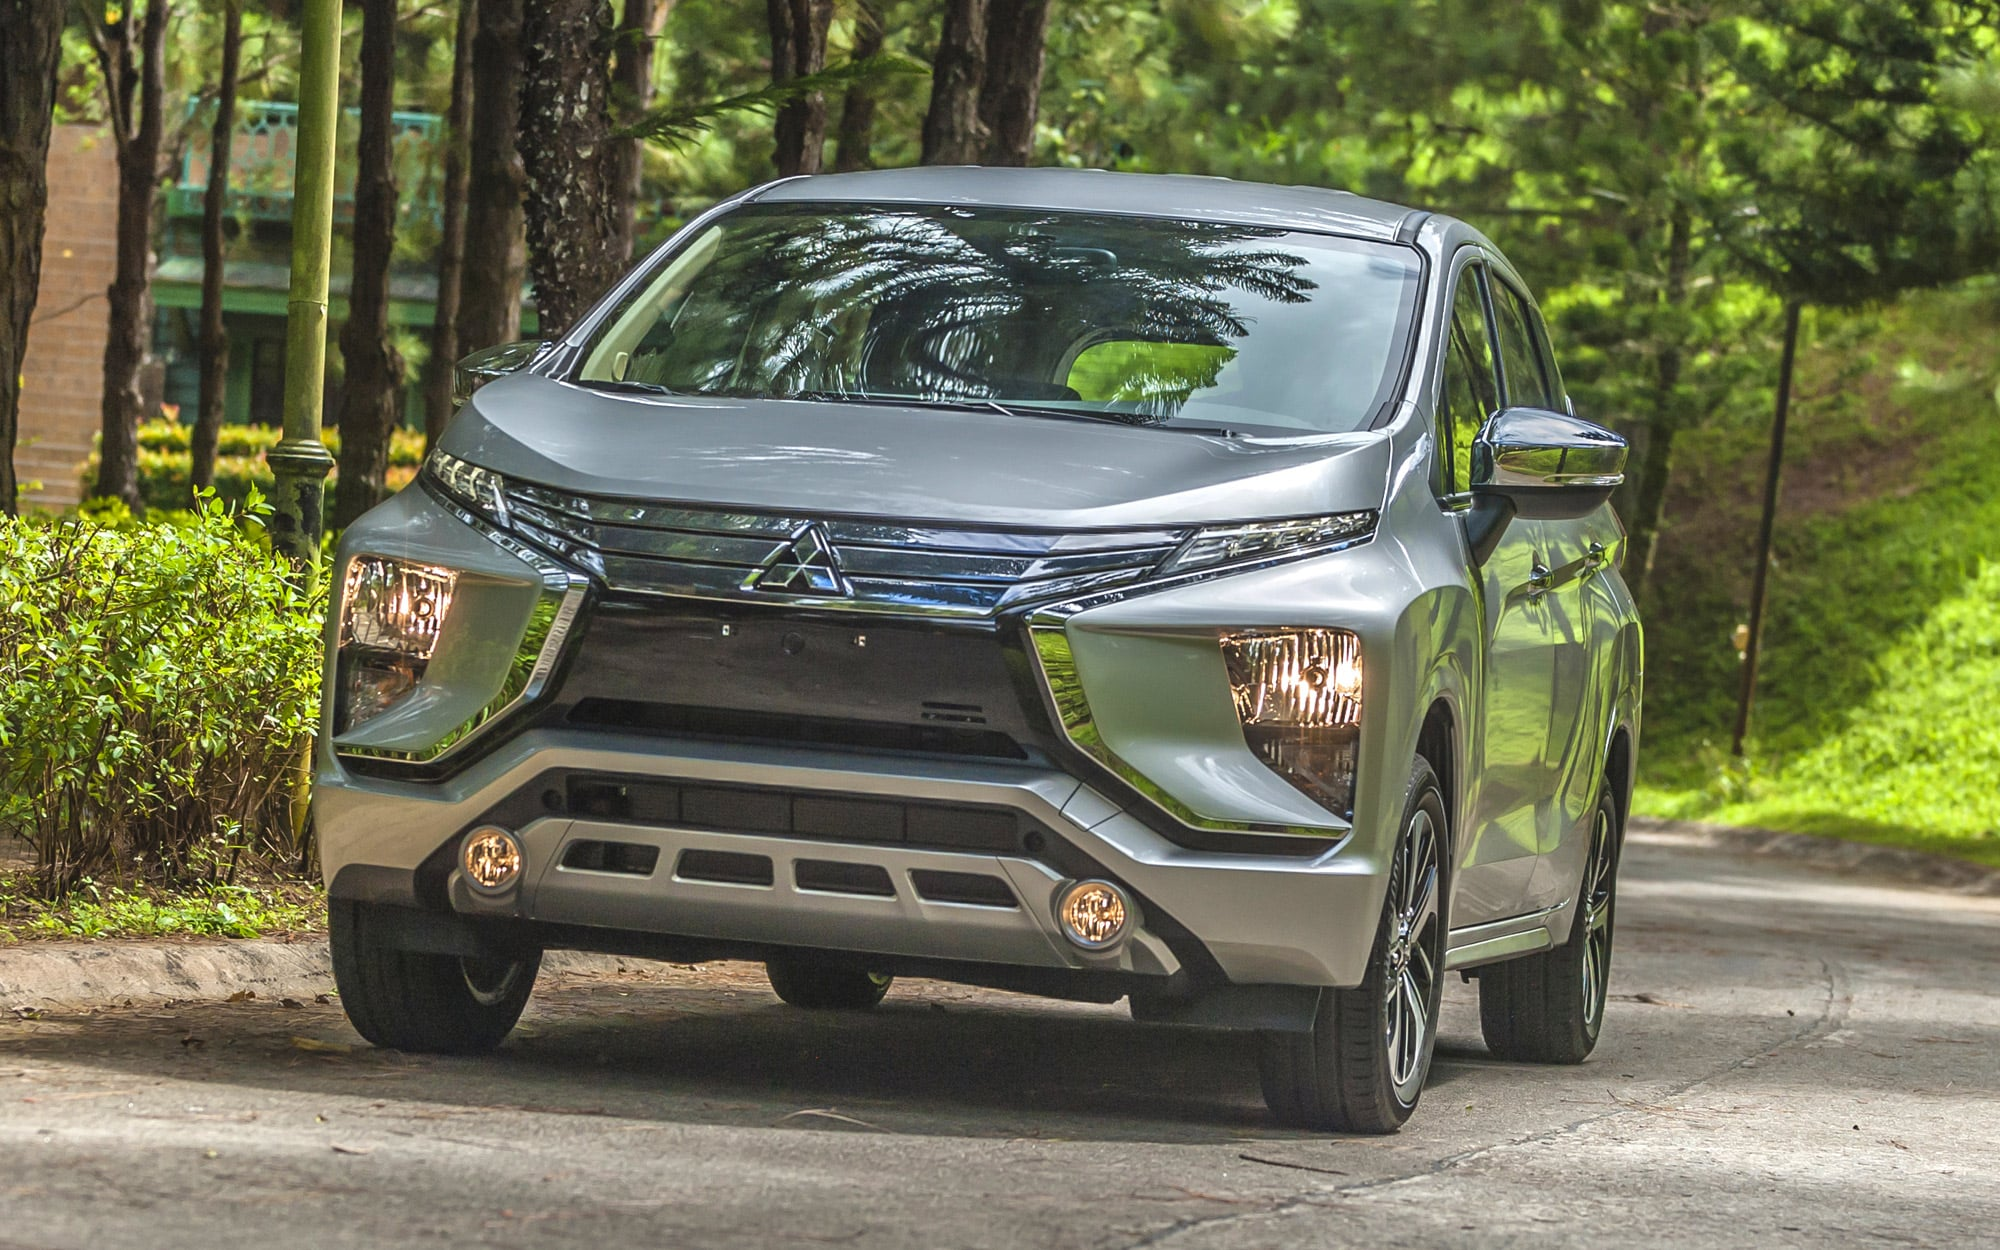 Bán chạy thứ 2 thị trường Việt, Mitsubishi Xpander có thực sự hấp dẫn?